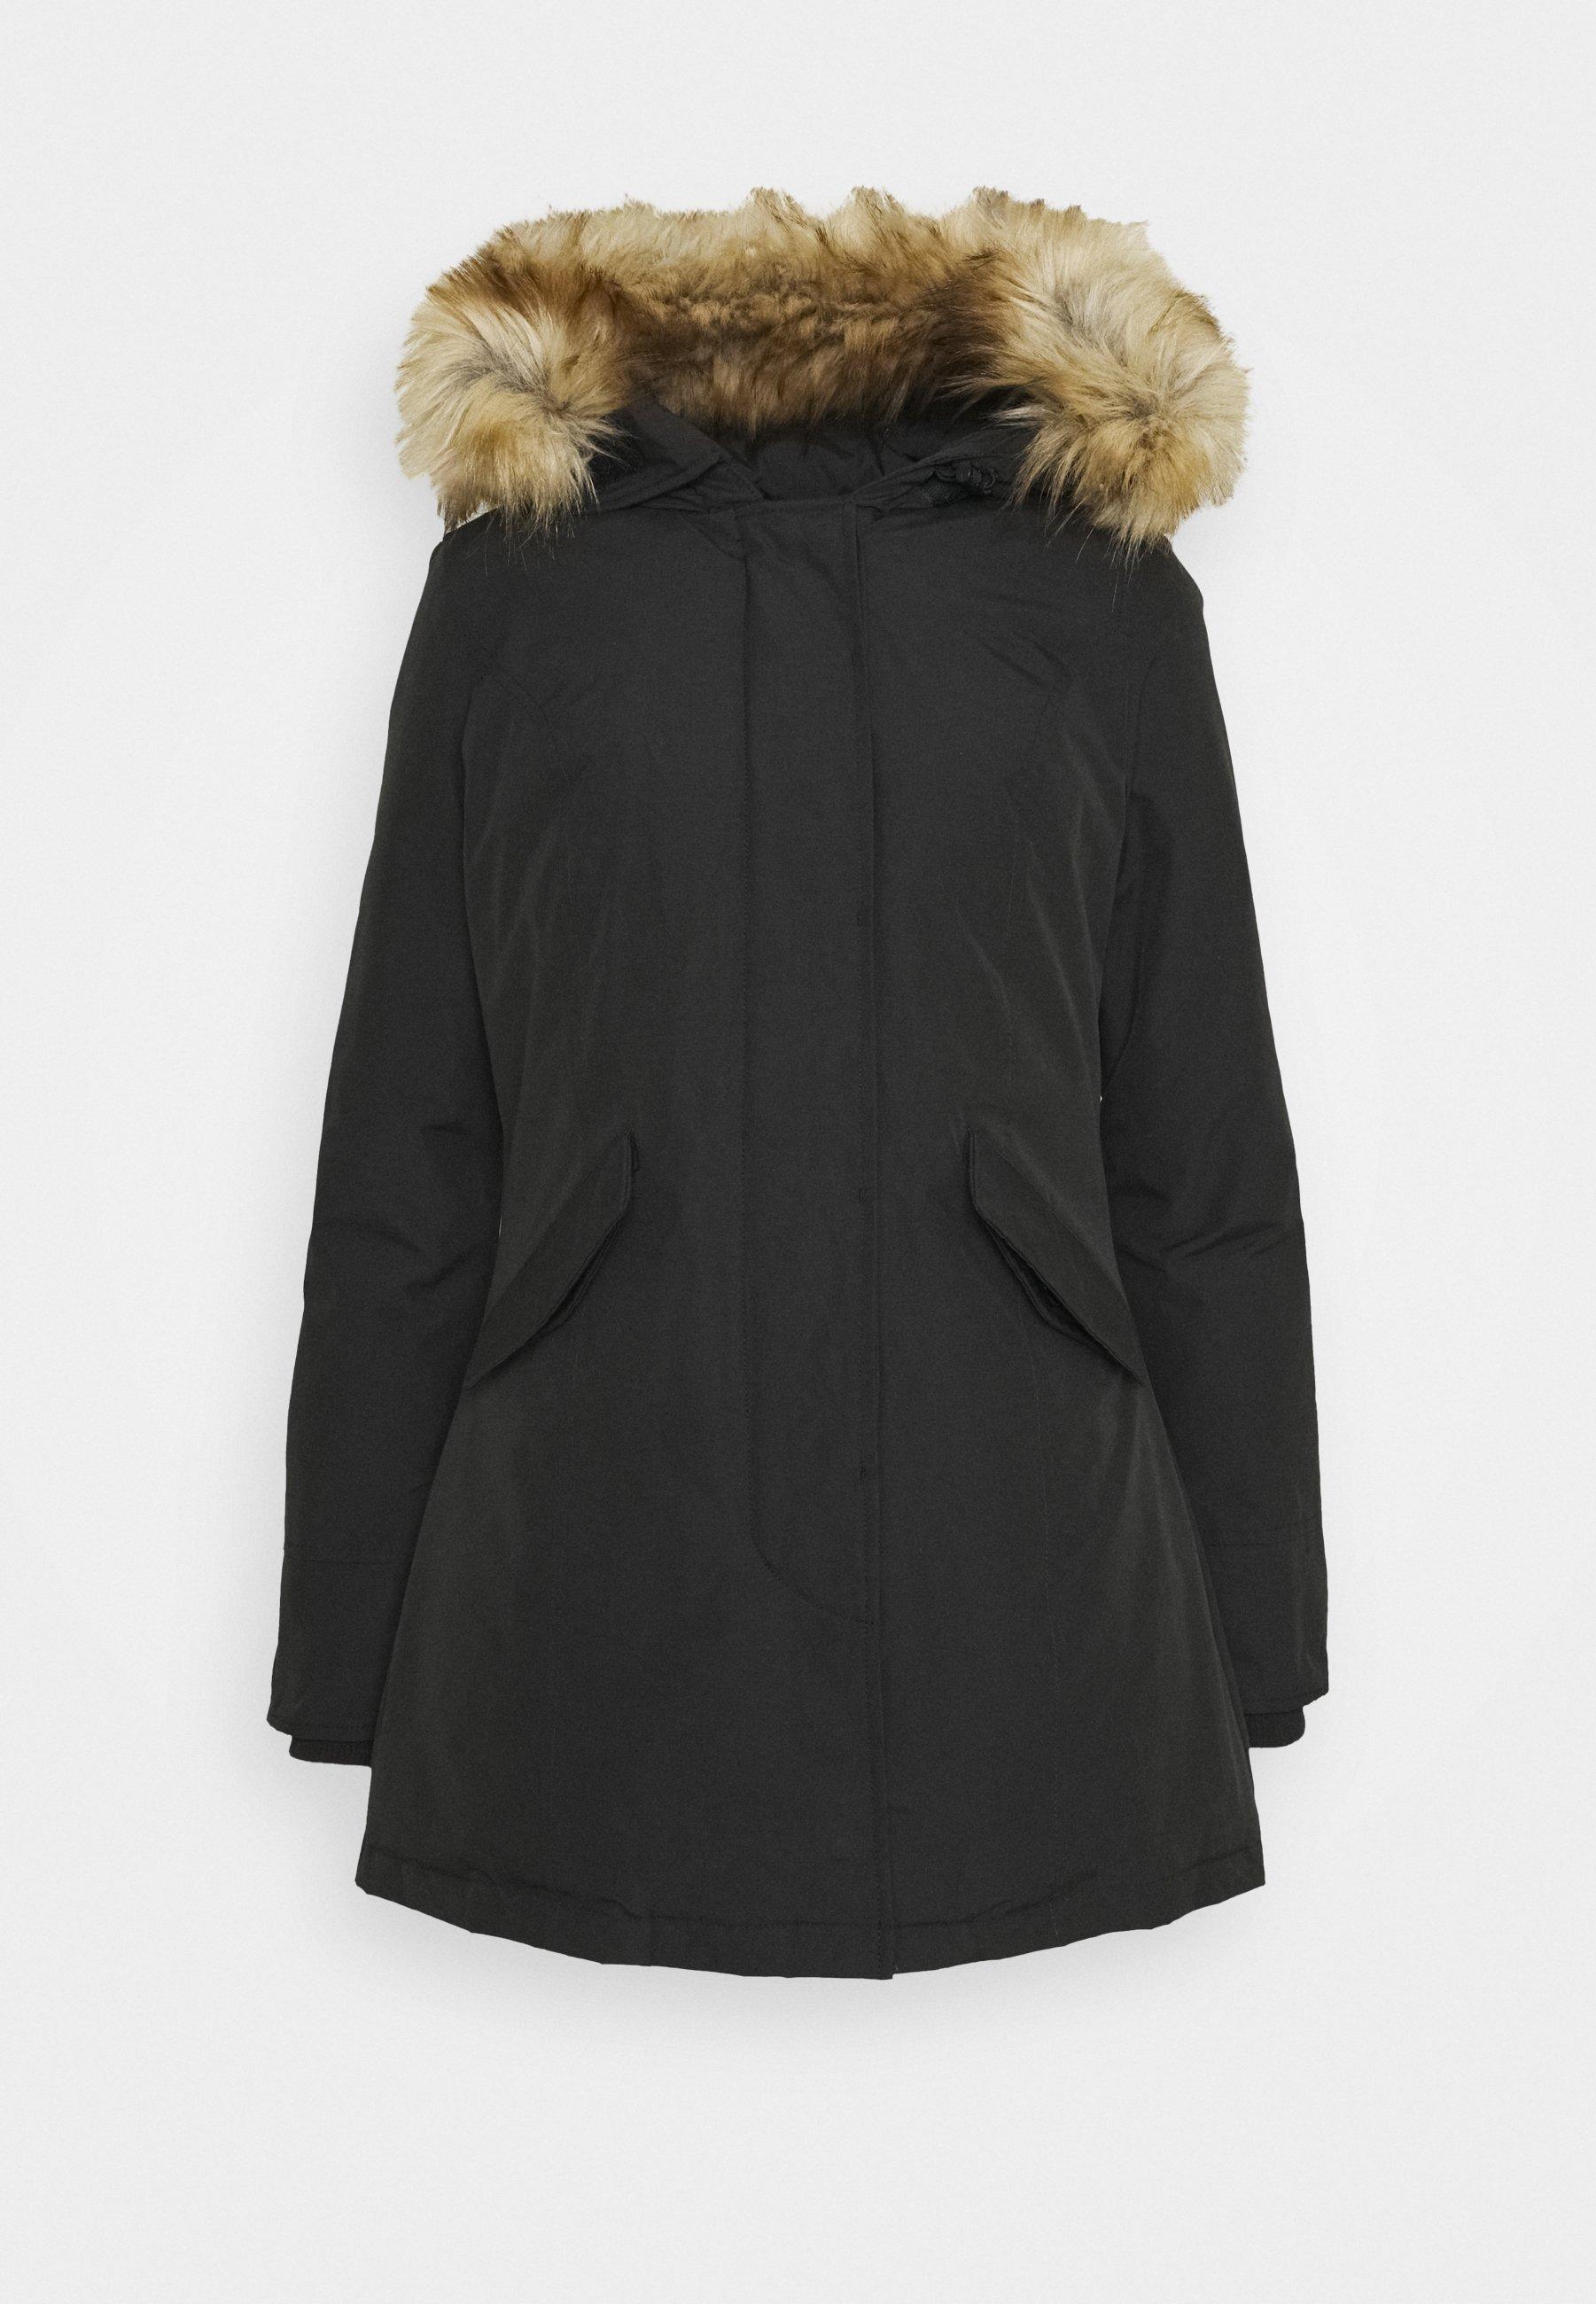 Canadian Classics Fundy Bay Recycled Winter Coat Black Zalando Co Uk